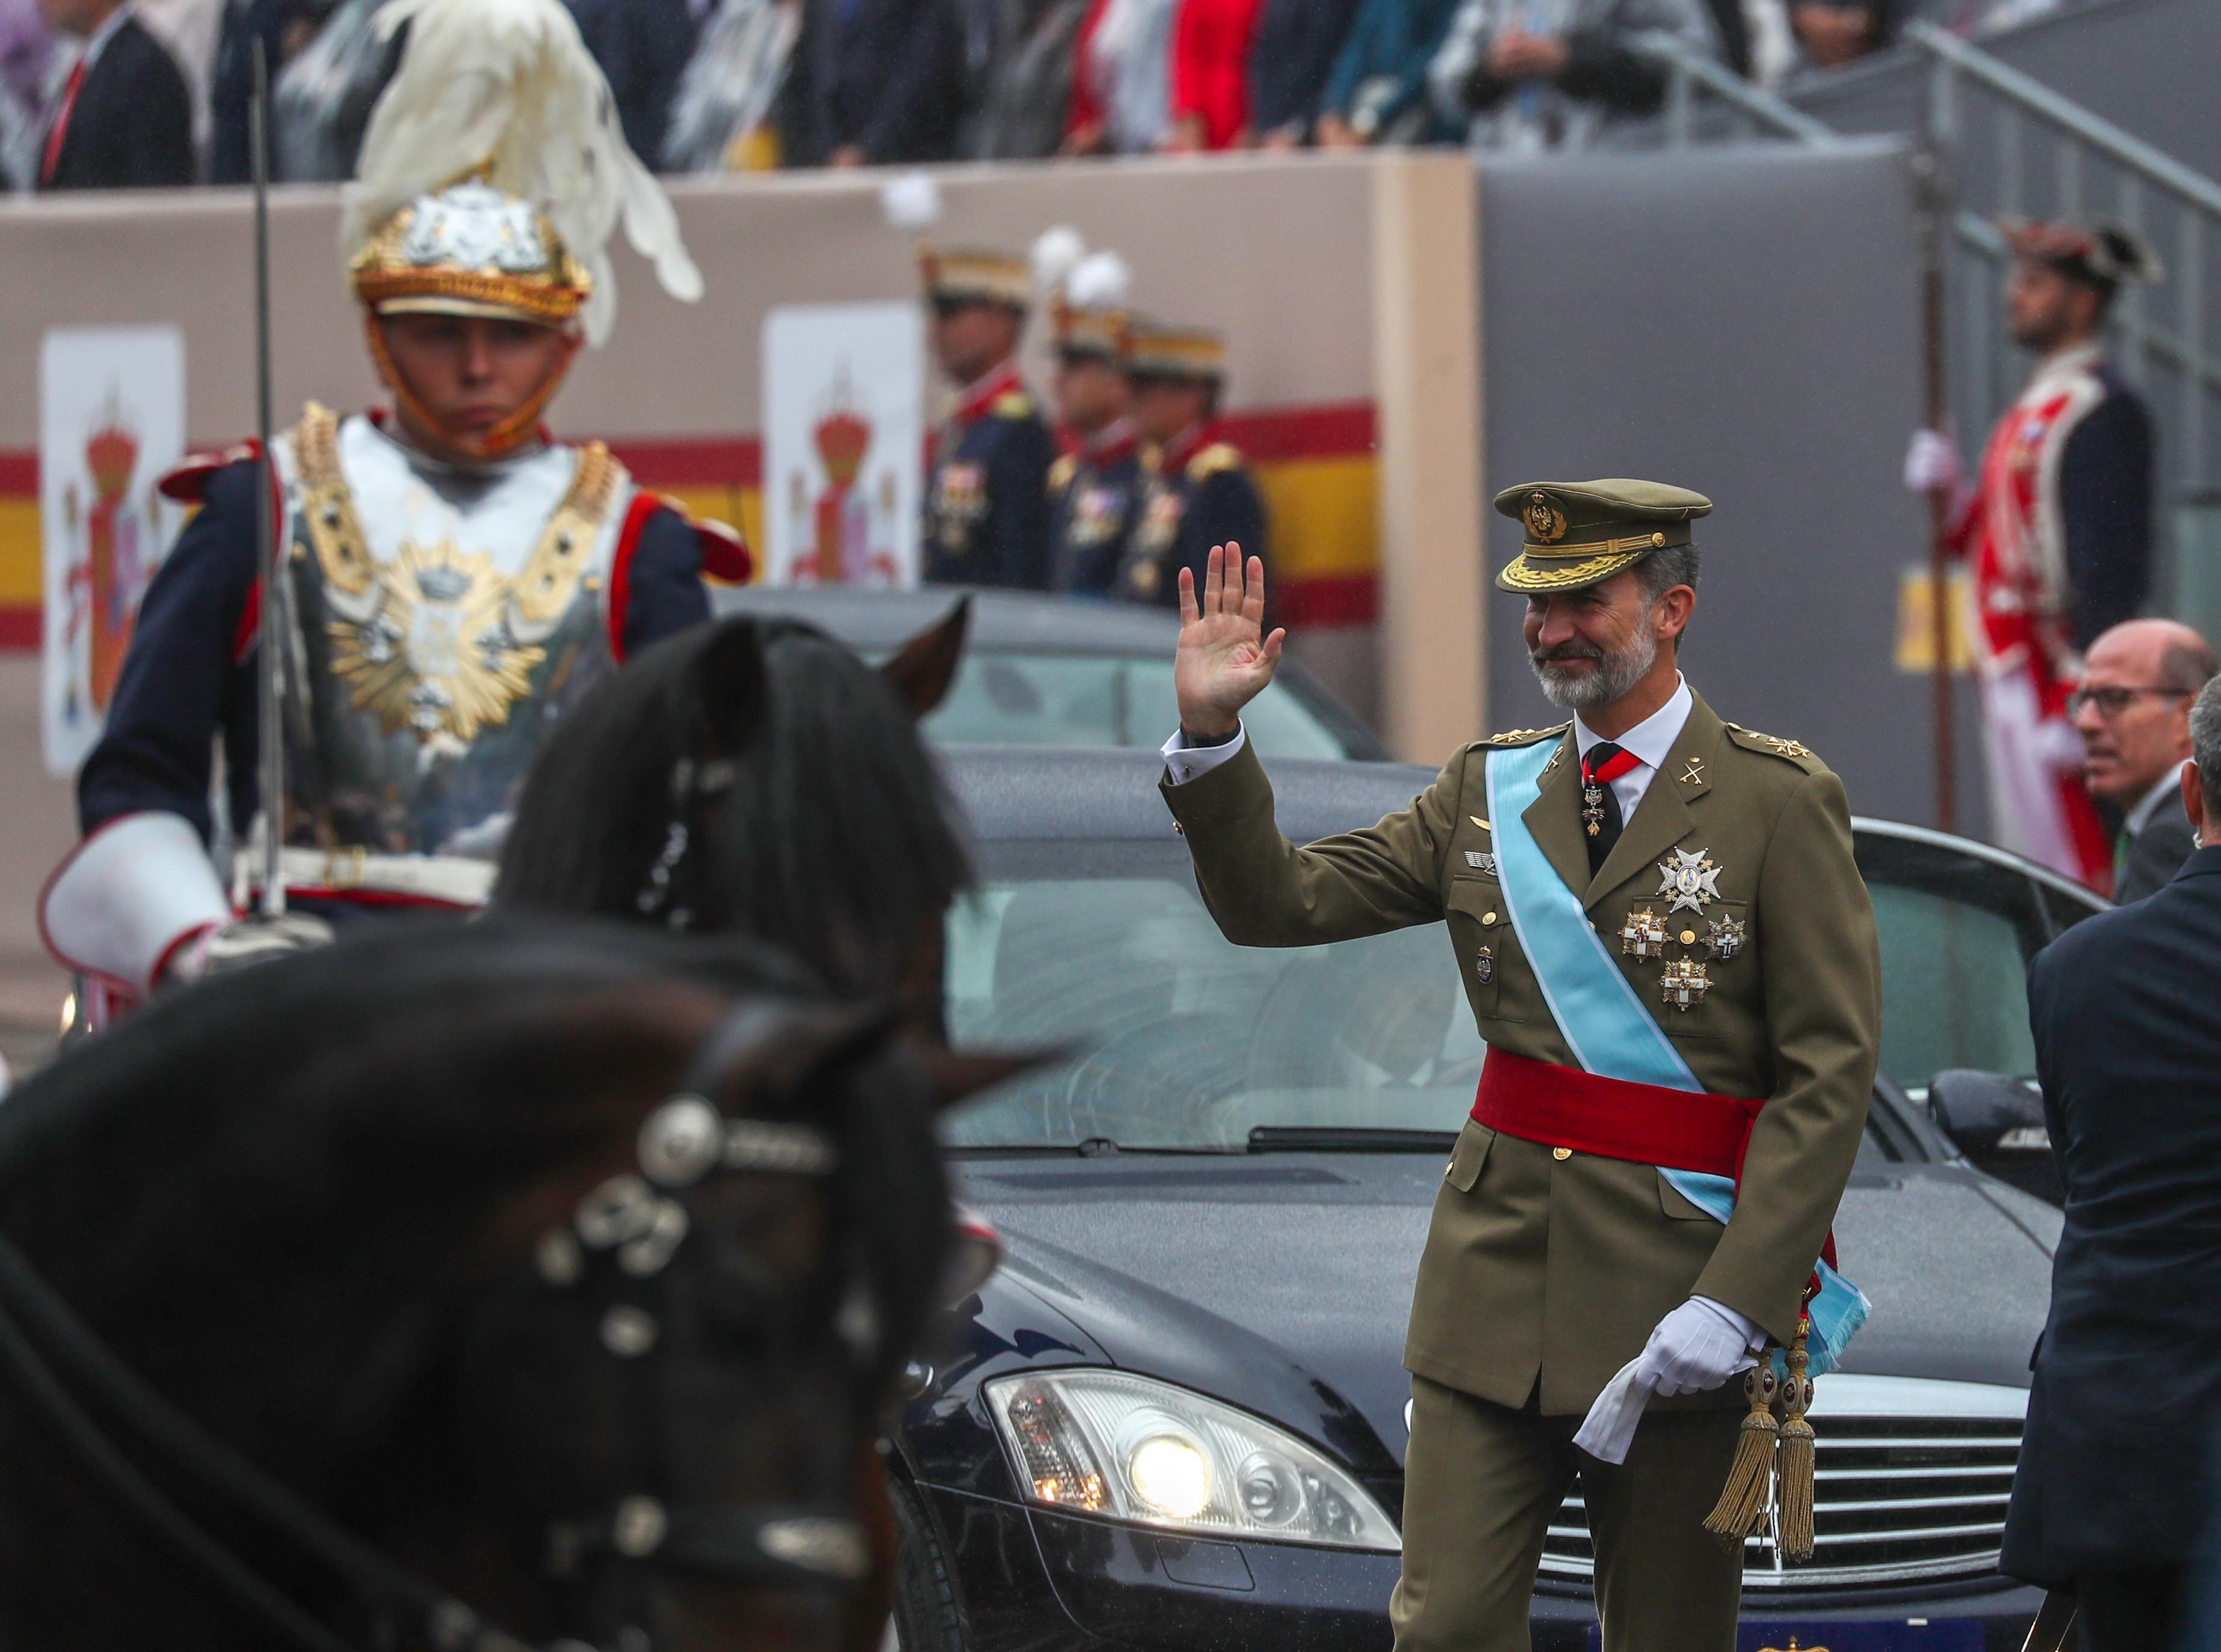 حضور الملك فيليب